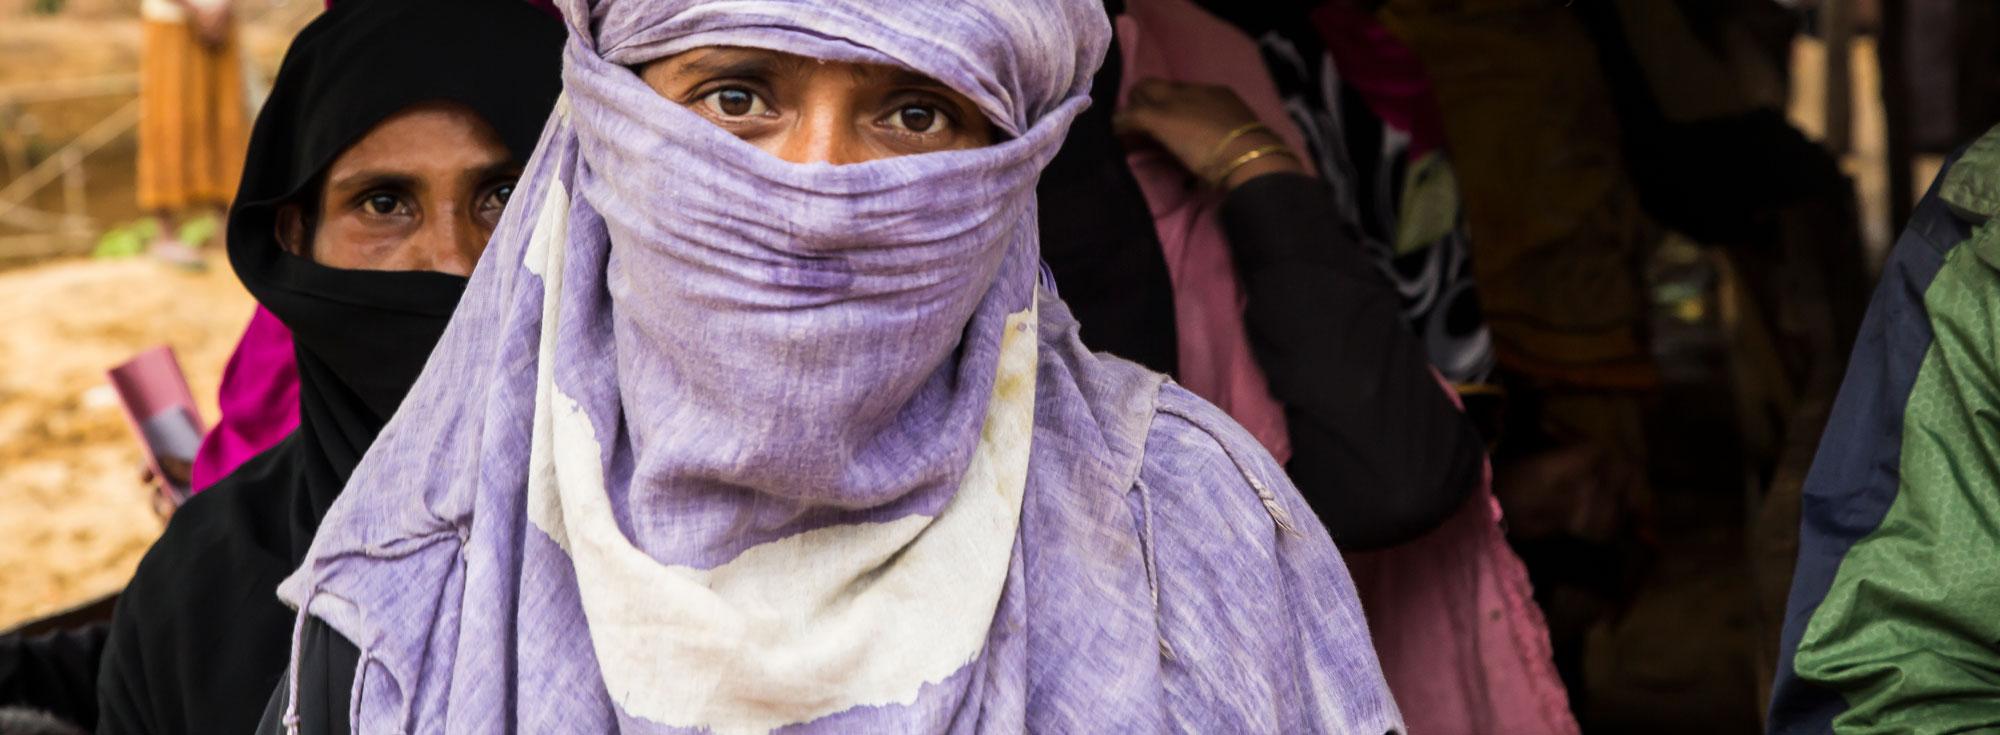 Photo: UK Department for International Development/Flickr